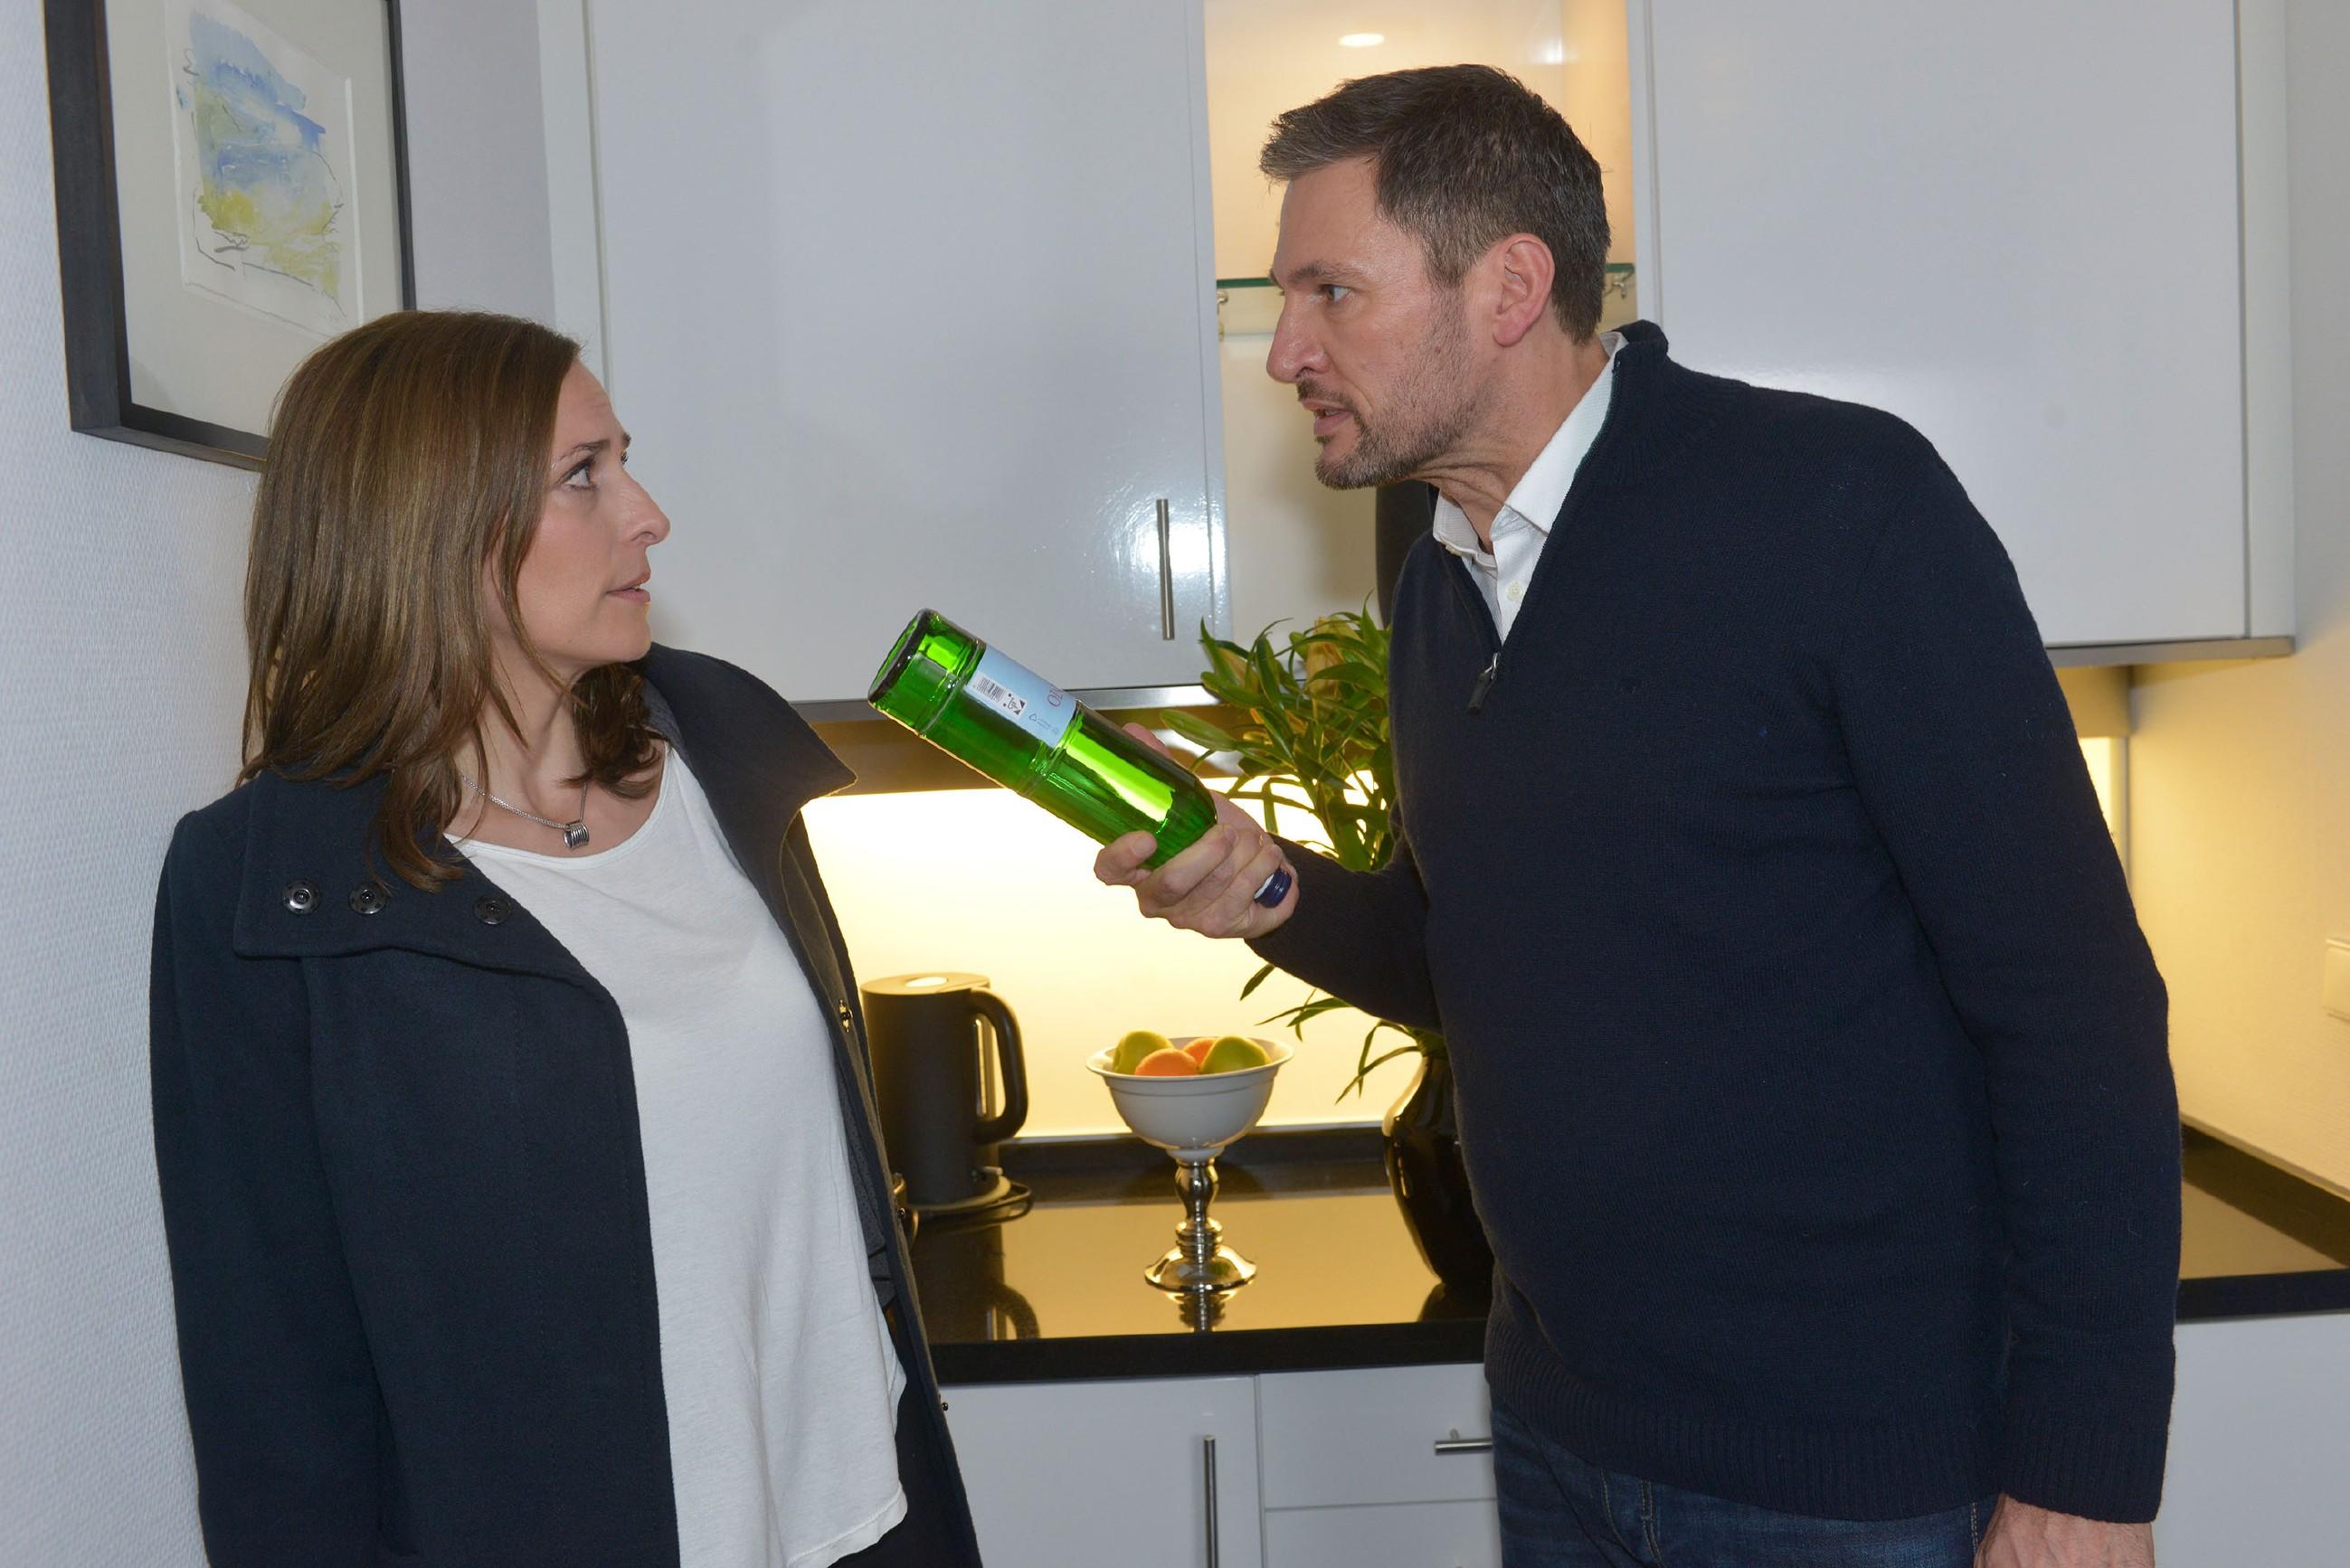 Der Streit zwischen Katrin (Ulrike Frank) und Frederic (Dieter Bach) droht zu eskalieren, als Frederic Katrin massiv angeht... (Quelle: RTL / Rolf Baumgartner)